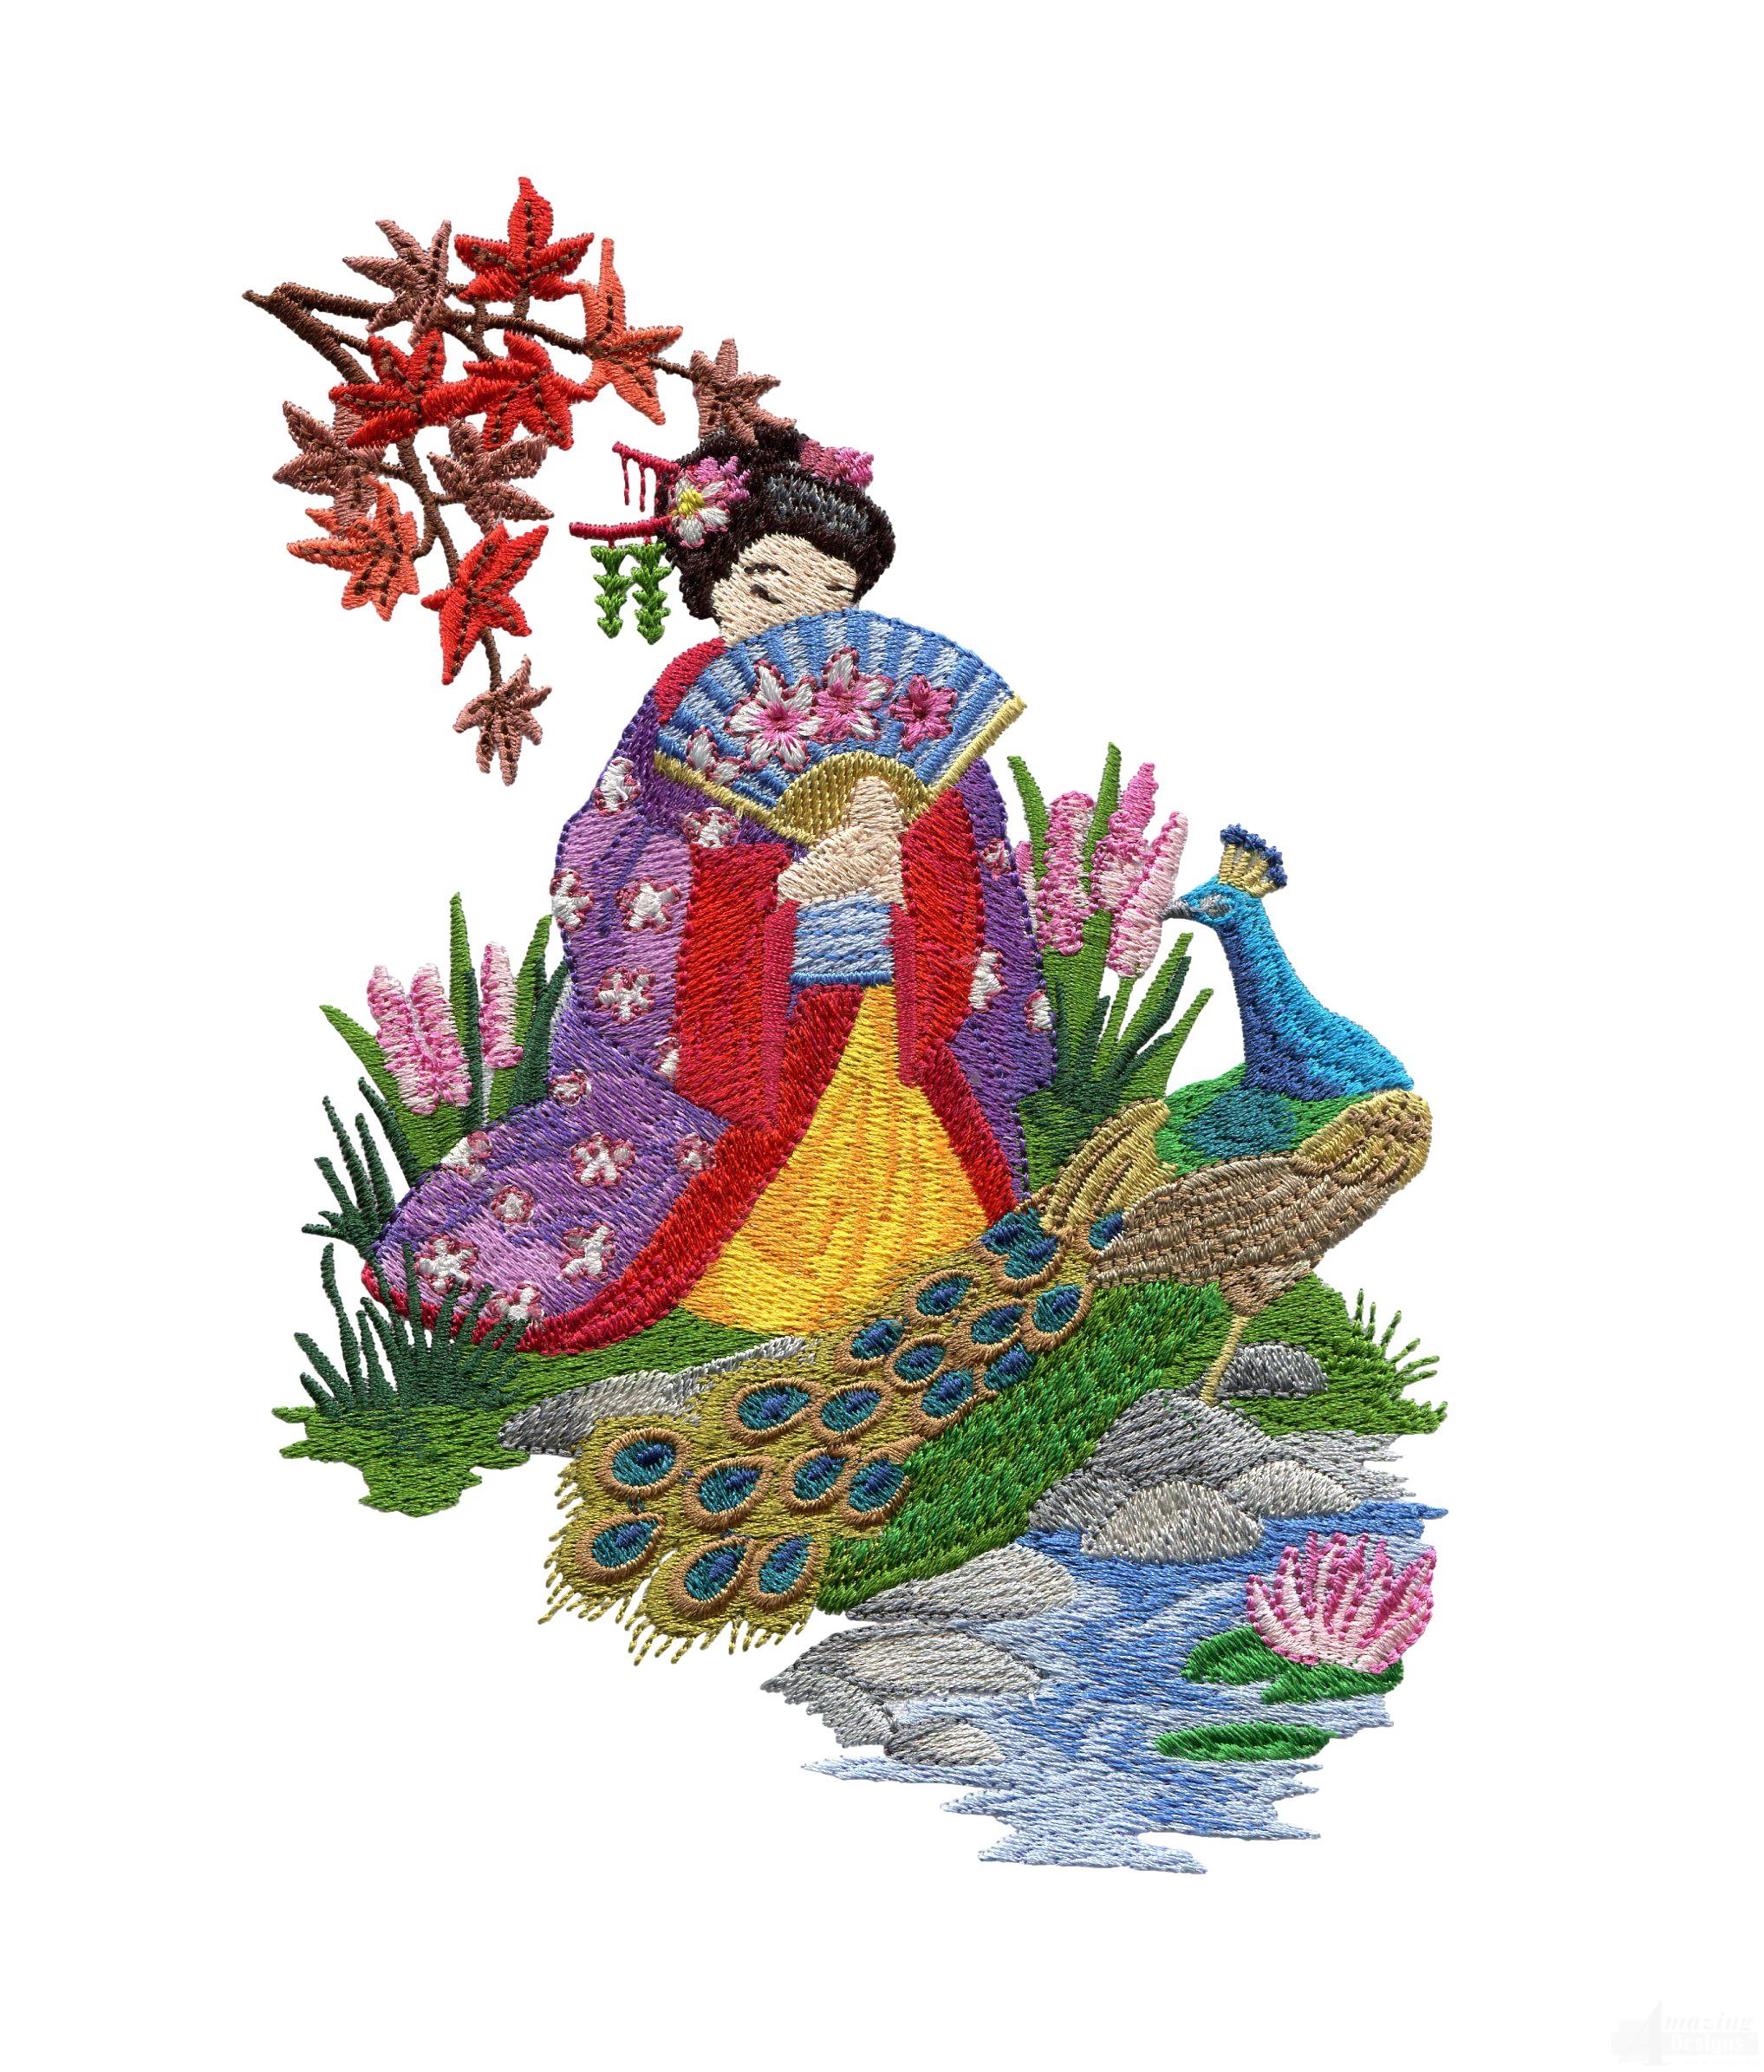 Swngg108 a geishas garden embroidery design for Garden embroidery designs